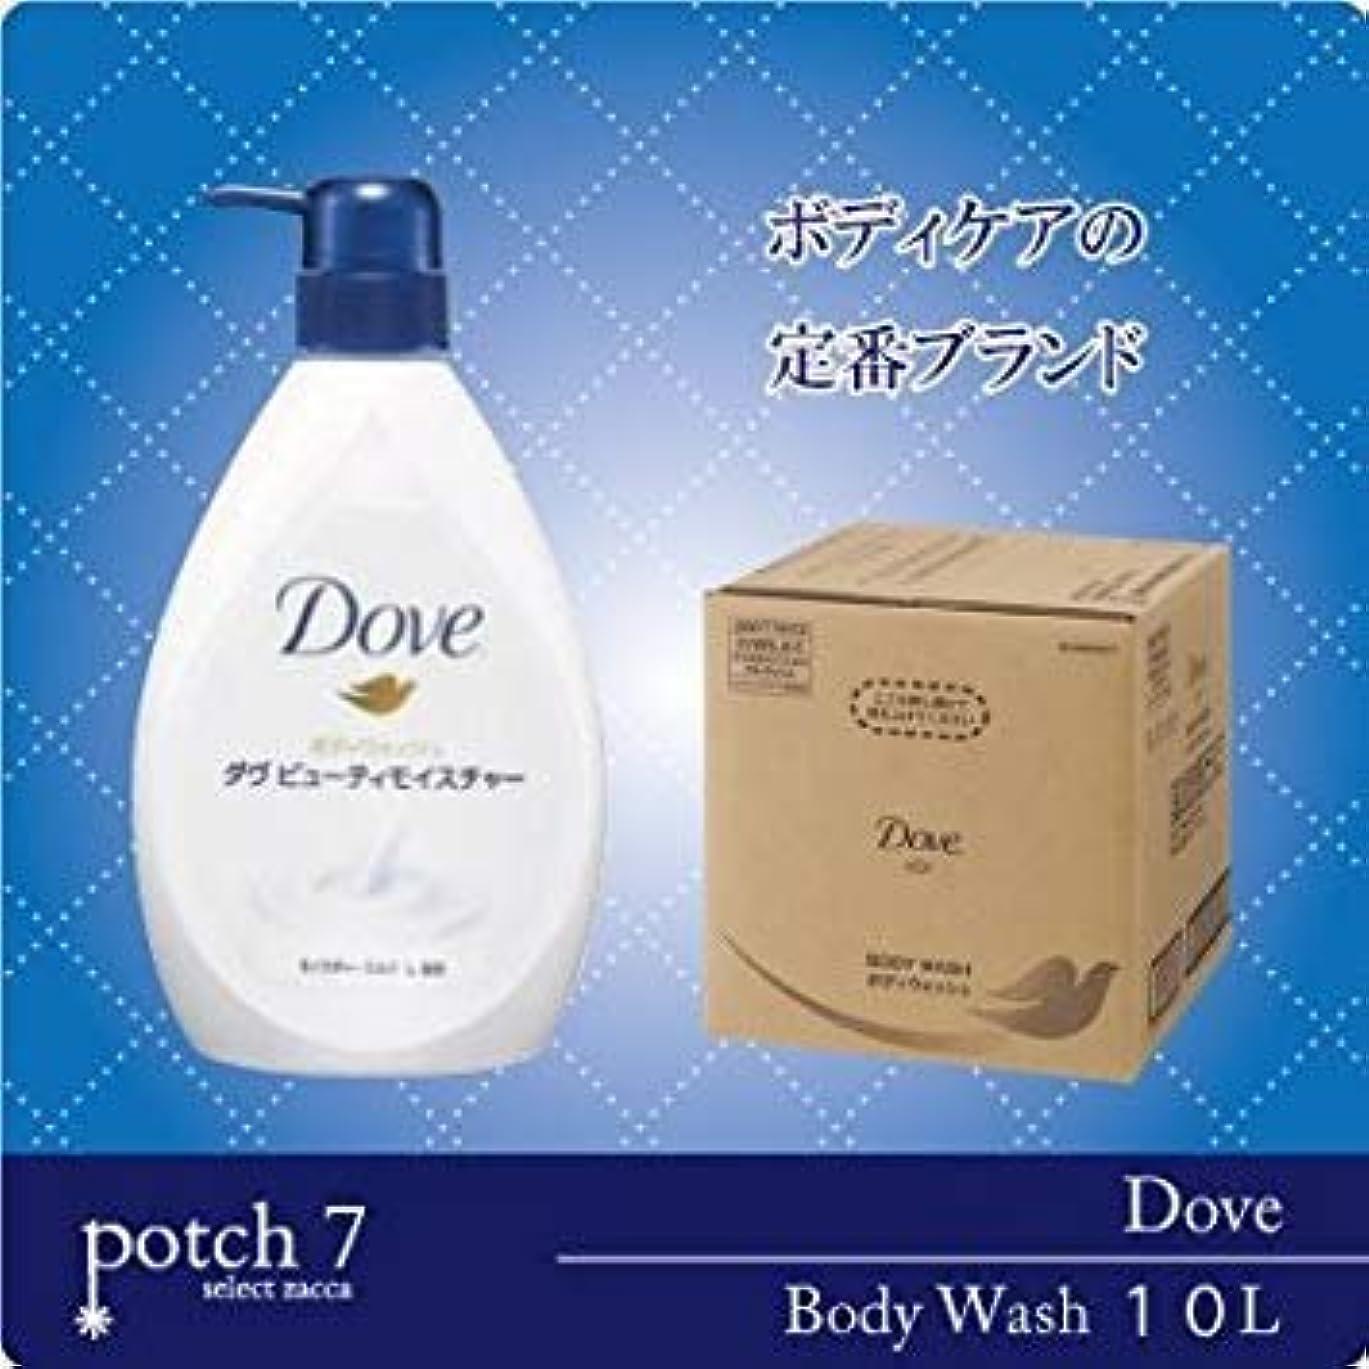 可塑性マット単語Unilever ユニリーバ Dove ダヴ 10L ボディソープ 詰替え 空容器520g×1本付